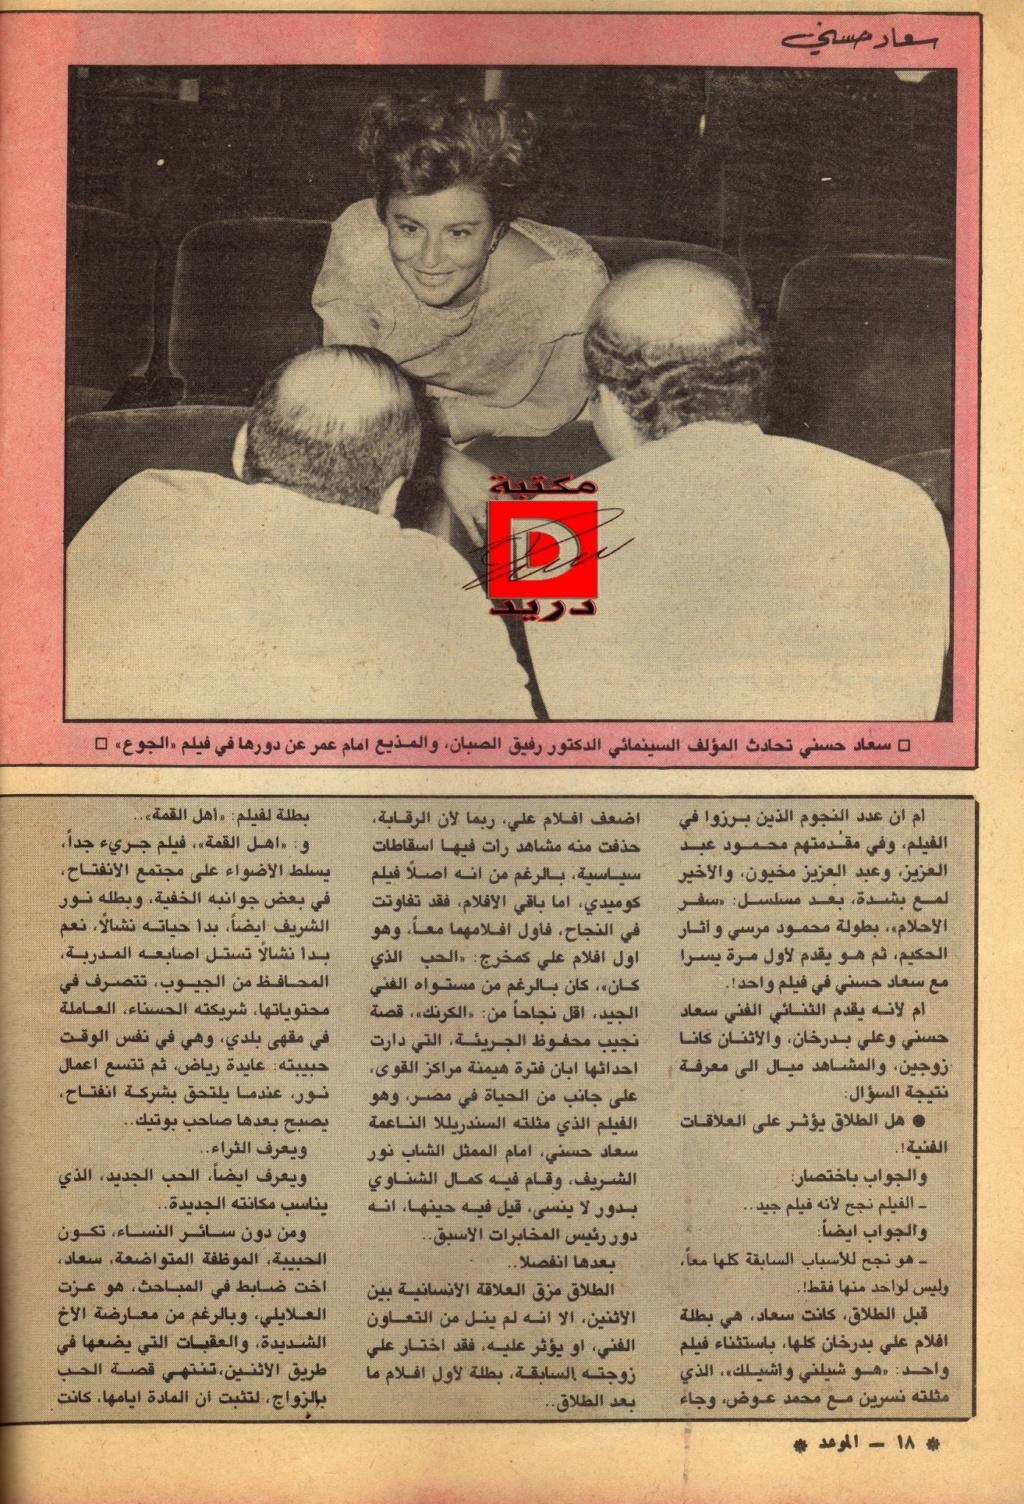 مقال صحفي : سعاد حسني .. لماذا تنجح دائماً في افلام مطلقها ؟ 1986 م 317